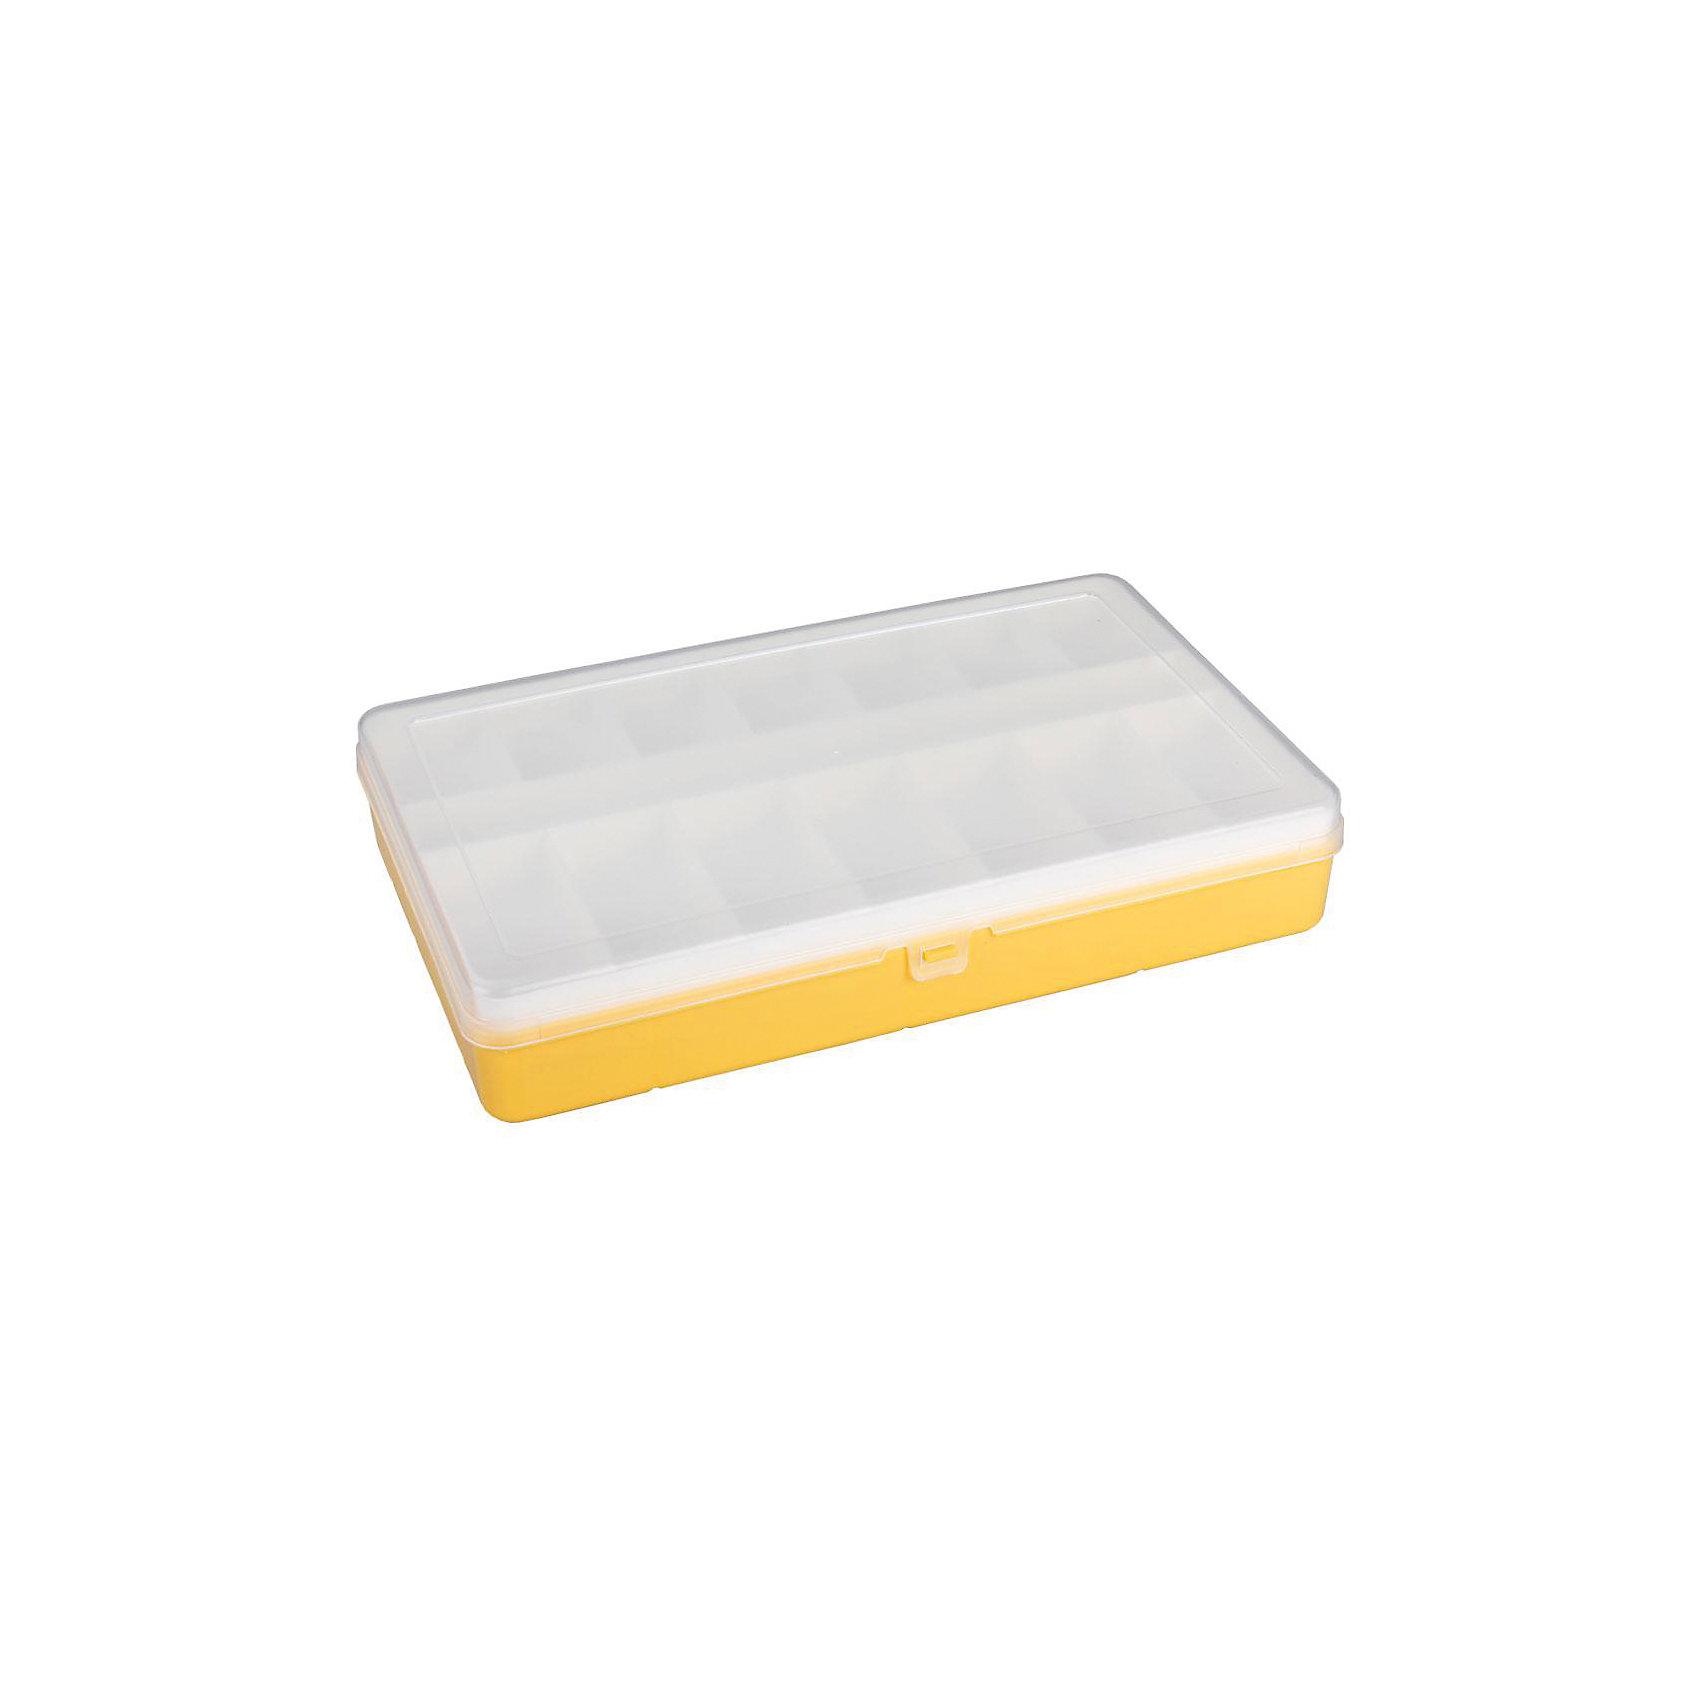 Контейнер для мелочей (290х180), Alternativa, желтыйПорядок в детской<br>Характеристики:<br><br>• Предназначение: для хранения игрушек, для канцелярских принадлежностей или предметов для творчества<br>• Материал: пластик<br>• Цвет: желтый, белый<br>• Размер (Д*Ш*В): 29*18*2,3 см<br>• Форма: прямоугольный<br>• Наличие крышки<br>• Наличие дополнительного вкладыша <br>• Особенности ухода: разрешается мыть теплой водой<br><br>Контейнер для мелочей (290х180), Alternativa, желтый изготовлен отечественным производителем ООО ЗПИ Альтернатива, который специализируется на выпуске широкого спектра изделий из пластика хозяйственного назначения. Контейнер с крышкой выполнен из экологически безопасного пластика, устойчивого к механическим повреждениям, состоит из двух частей, в комплекте имеется дополнительный вкладыш с ячейками разного размера. Контейнер для мелочей (290х180), Alternativa, желтый станет незаменимым помощником в домашнем хозяйстве, в нем удобно хранить предметы для шитья, бисер, бусины, также он подойдет для хранения мелких деталей от детских конструкторов.<br><br>Контейнер для мелочей (290х180), Alternativa, желтый можно купить в нашем интернет-магазине.<br><br>Ширина мм: 291<br>Глубина мм: 182<br>Высота мм: 53<br>Вес г: 390<br>Возраст от месяцев: 6<br>Возраст до месяцев: 84<br>Пол: Унисекс<br>Возраст: Детский<br>SKU: 5096588